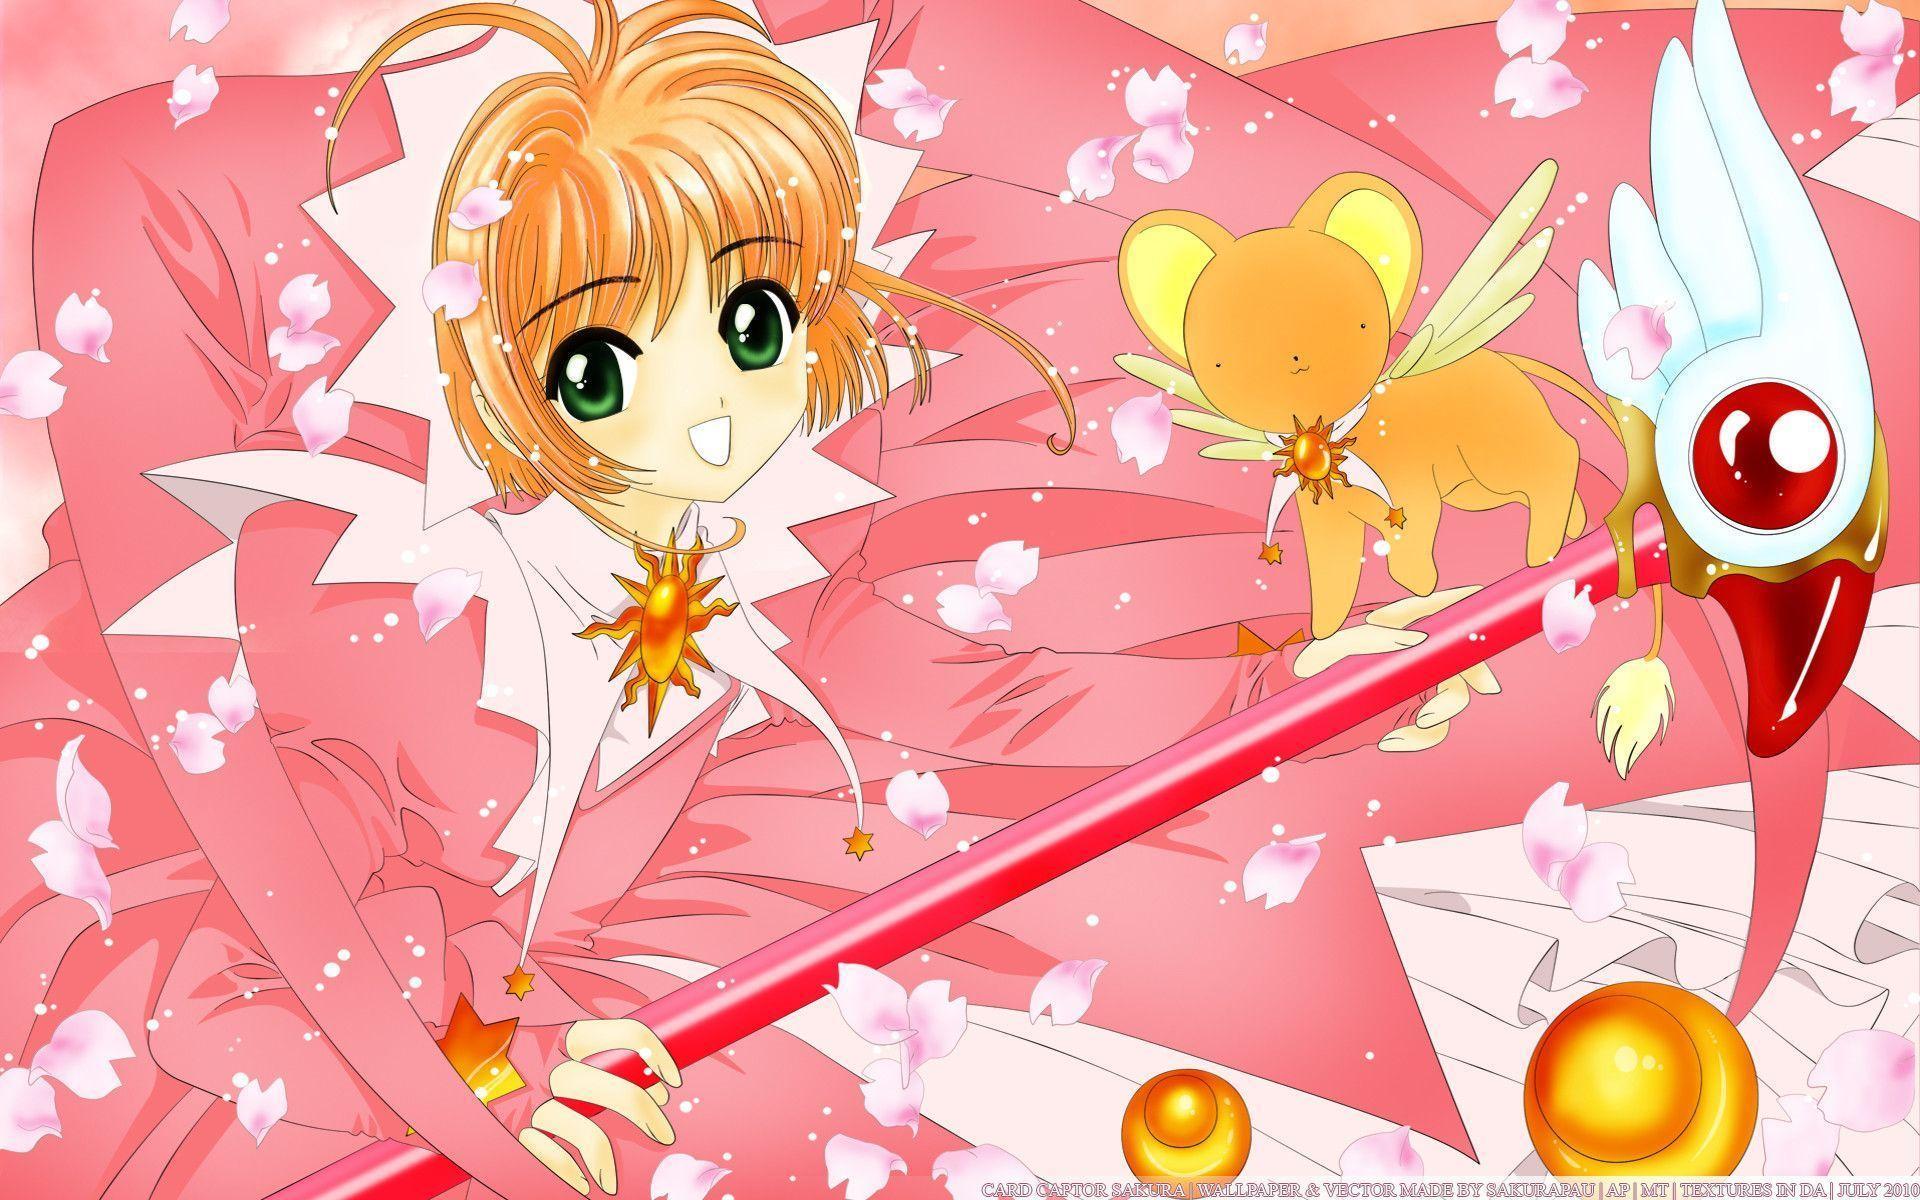 Sakura card captor 55 sakura en el paiacutes de las maravillas - 1 6